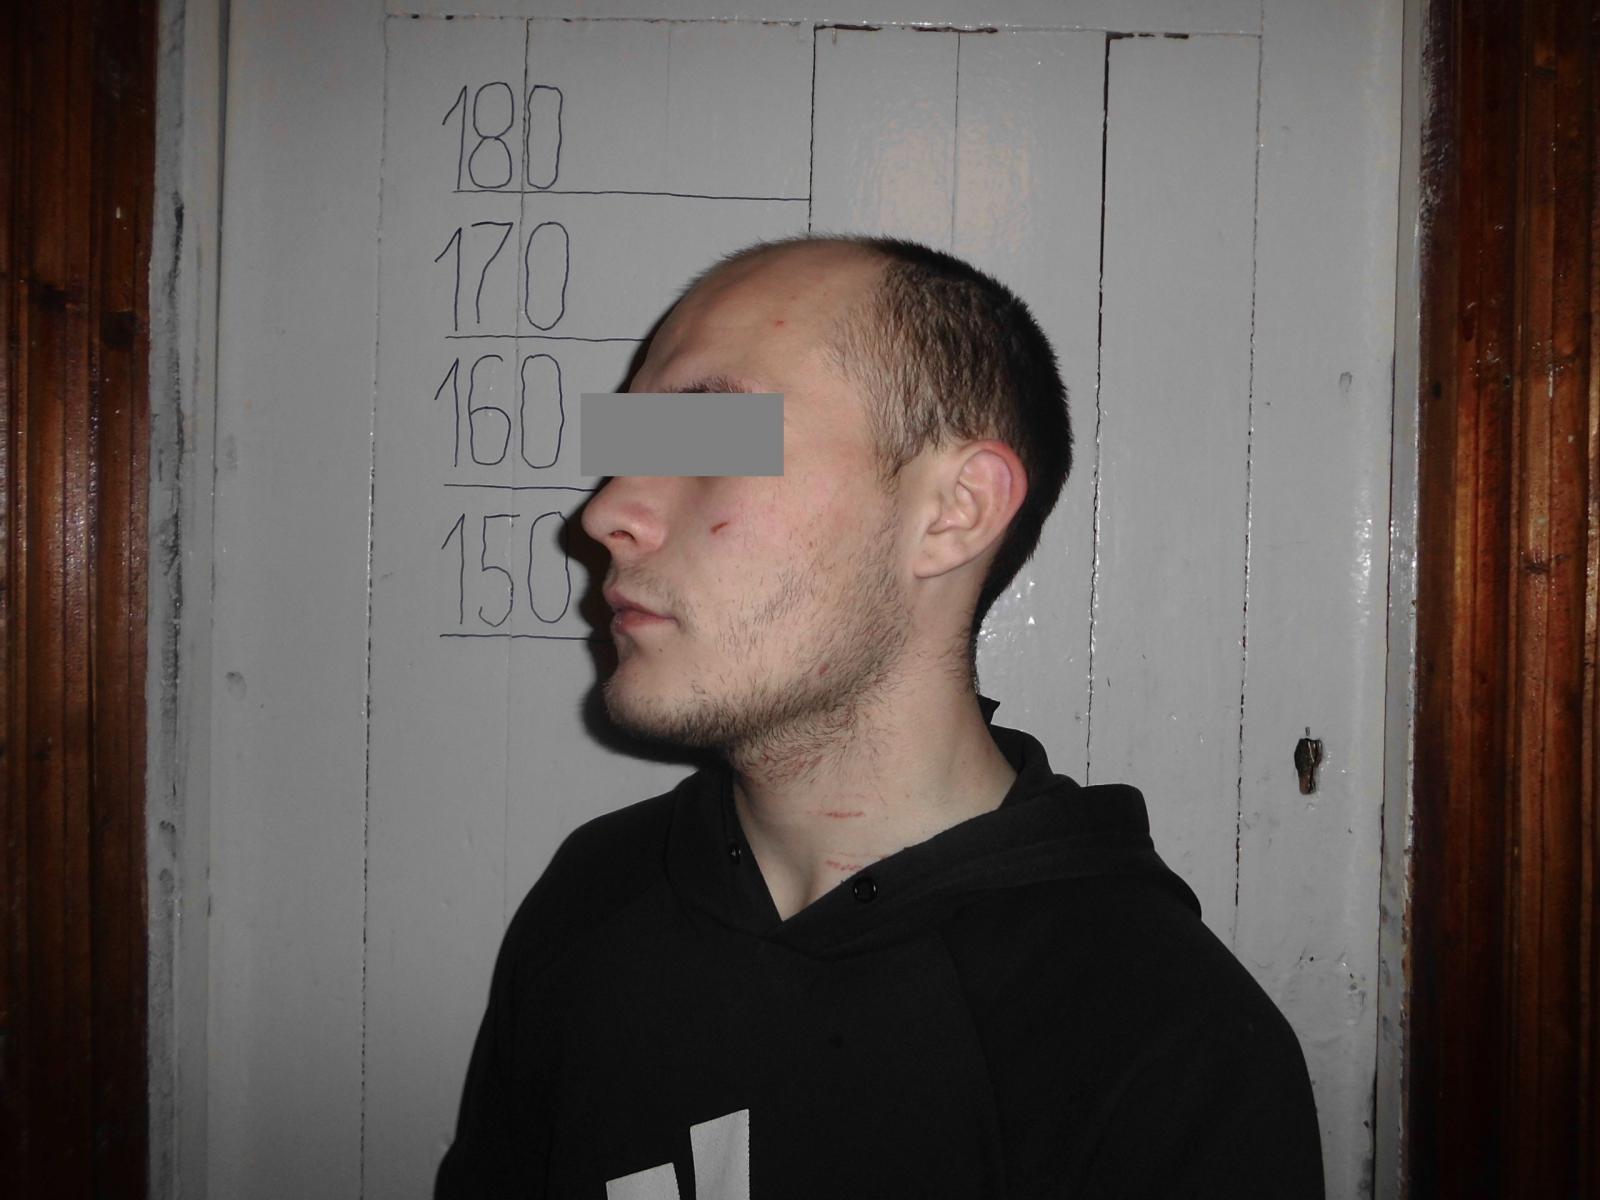 Уральцев, из-за браги убивших двух человек, осудили на 34 года